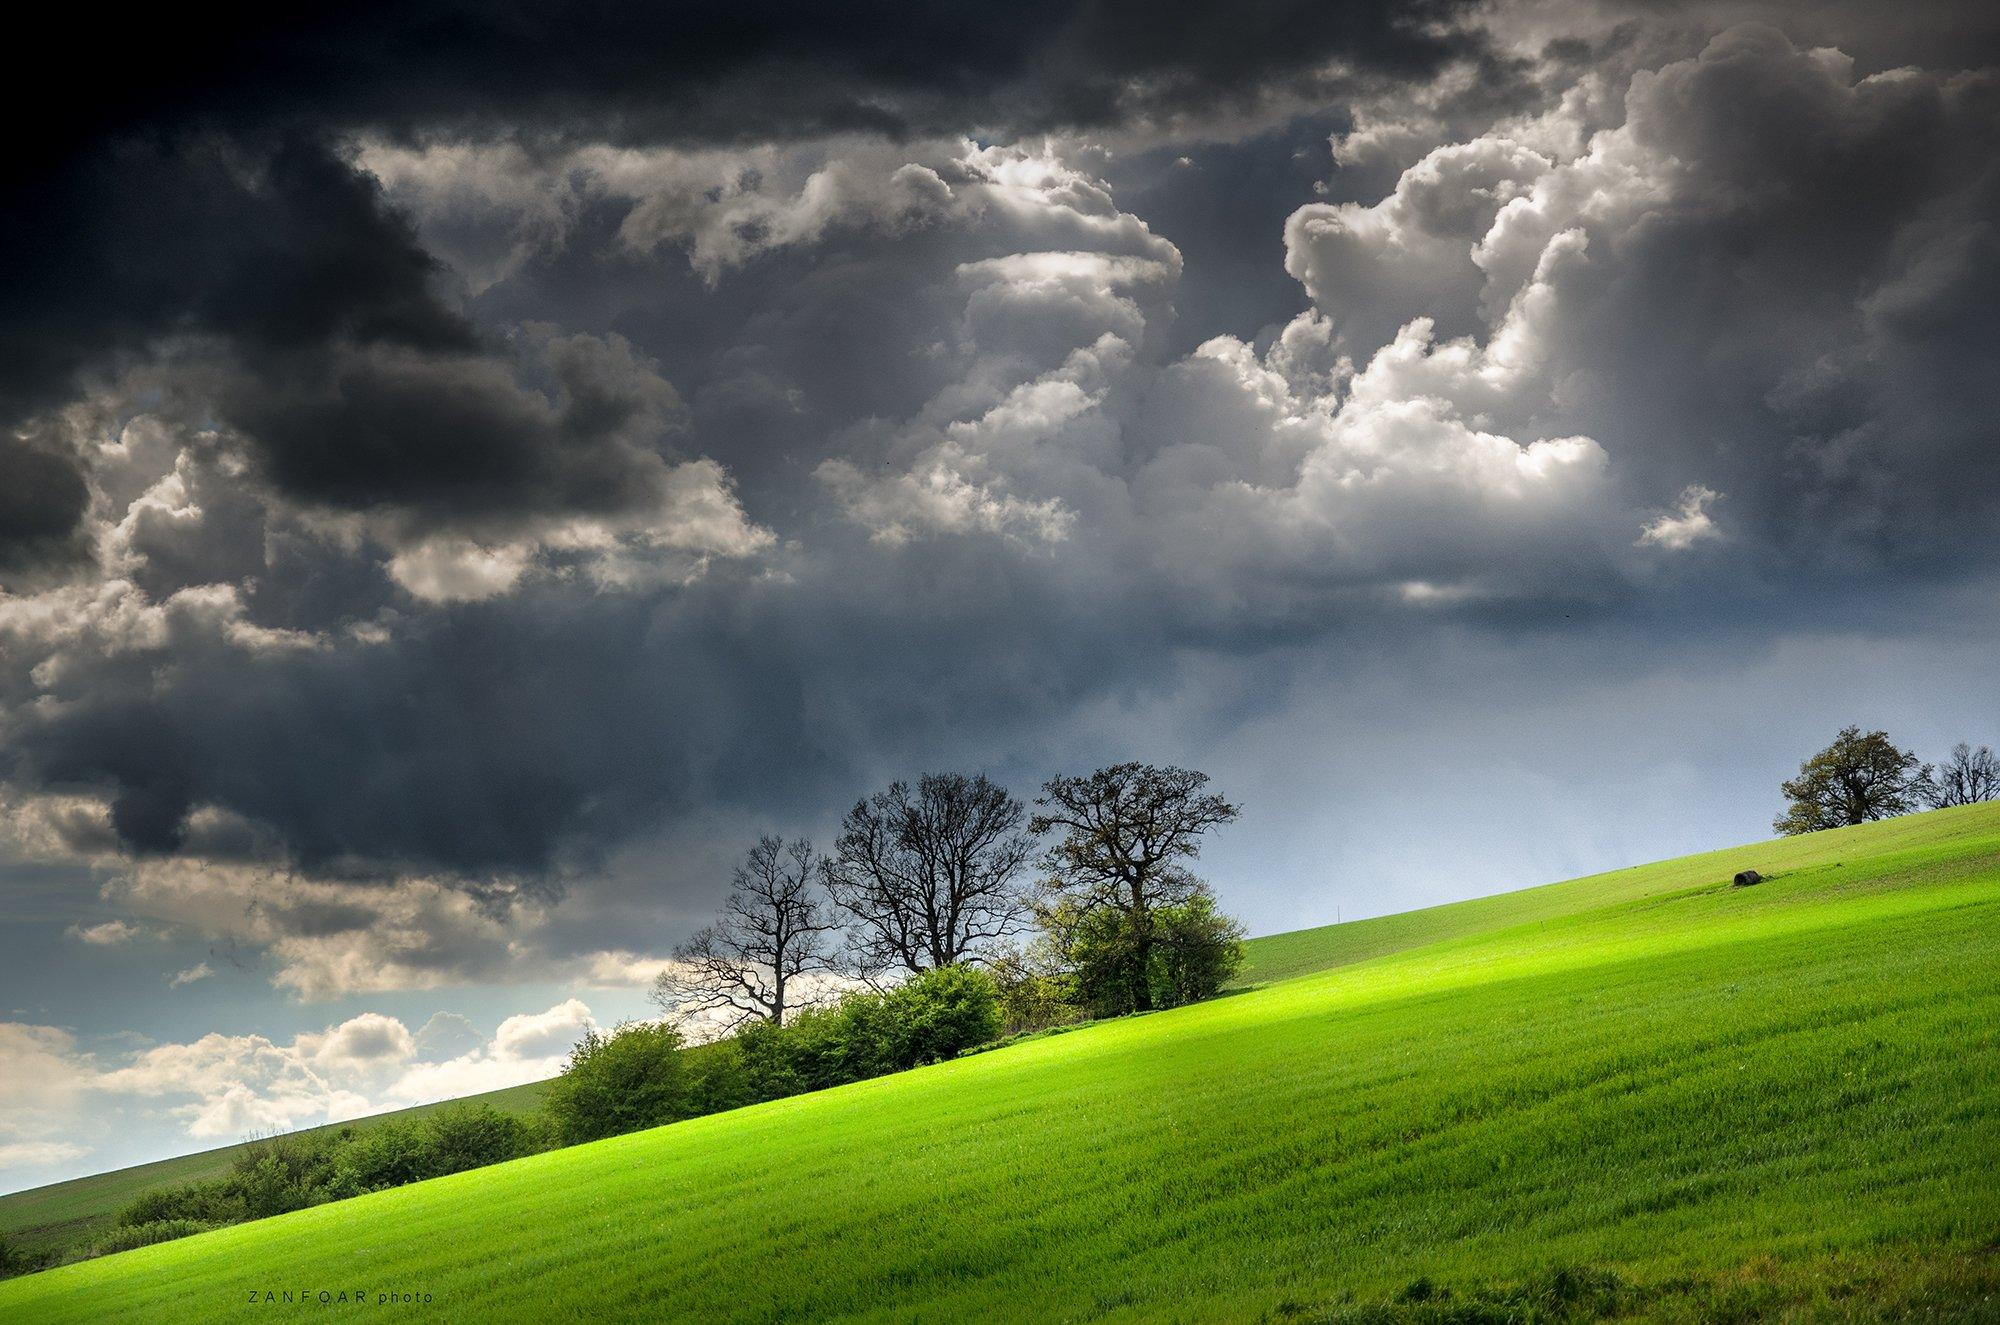 облака, пейзаж, поле, зеленое зерно, трава, деревья, небо, zanfoar, чешская республика, zanfoar,czech republic,bohemia,nikon d7000,, Zanfoar